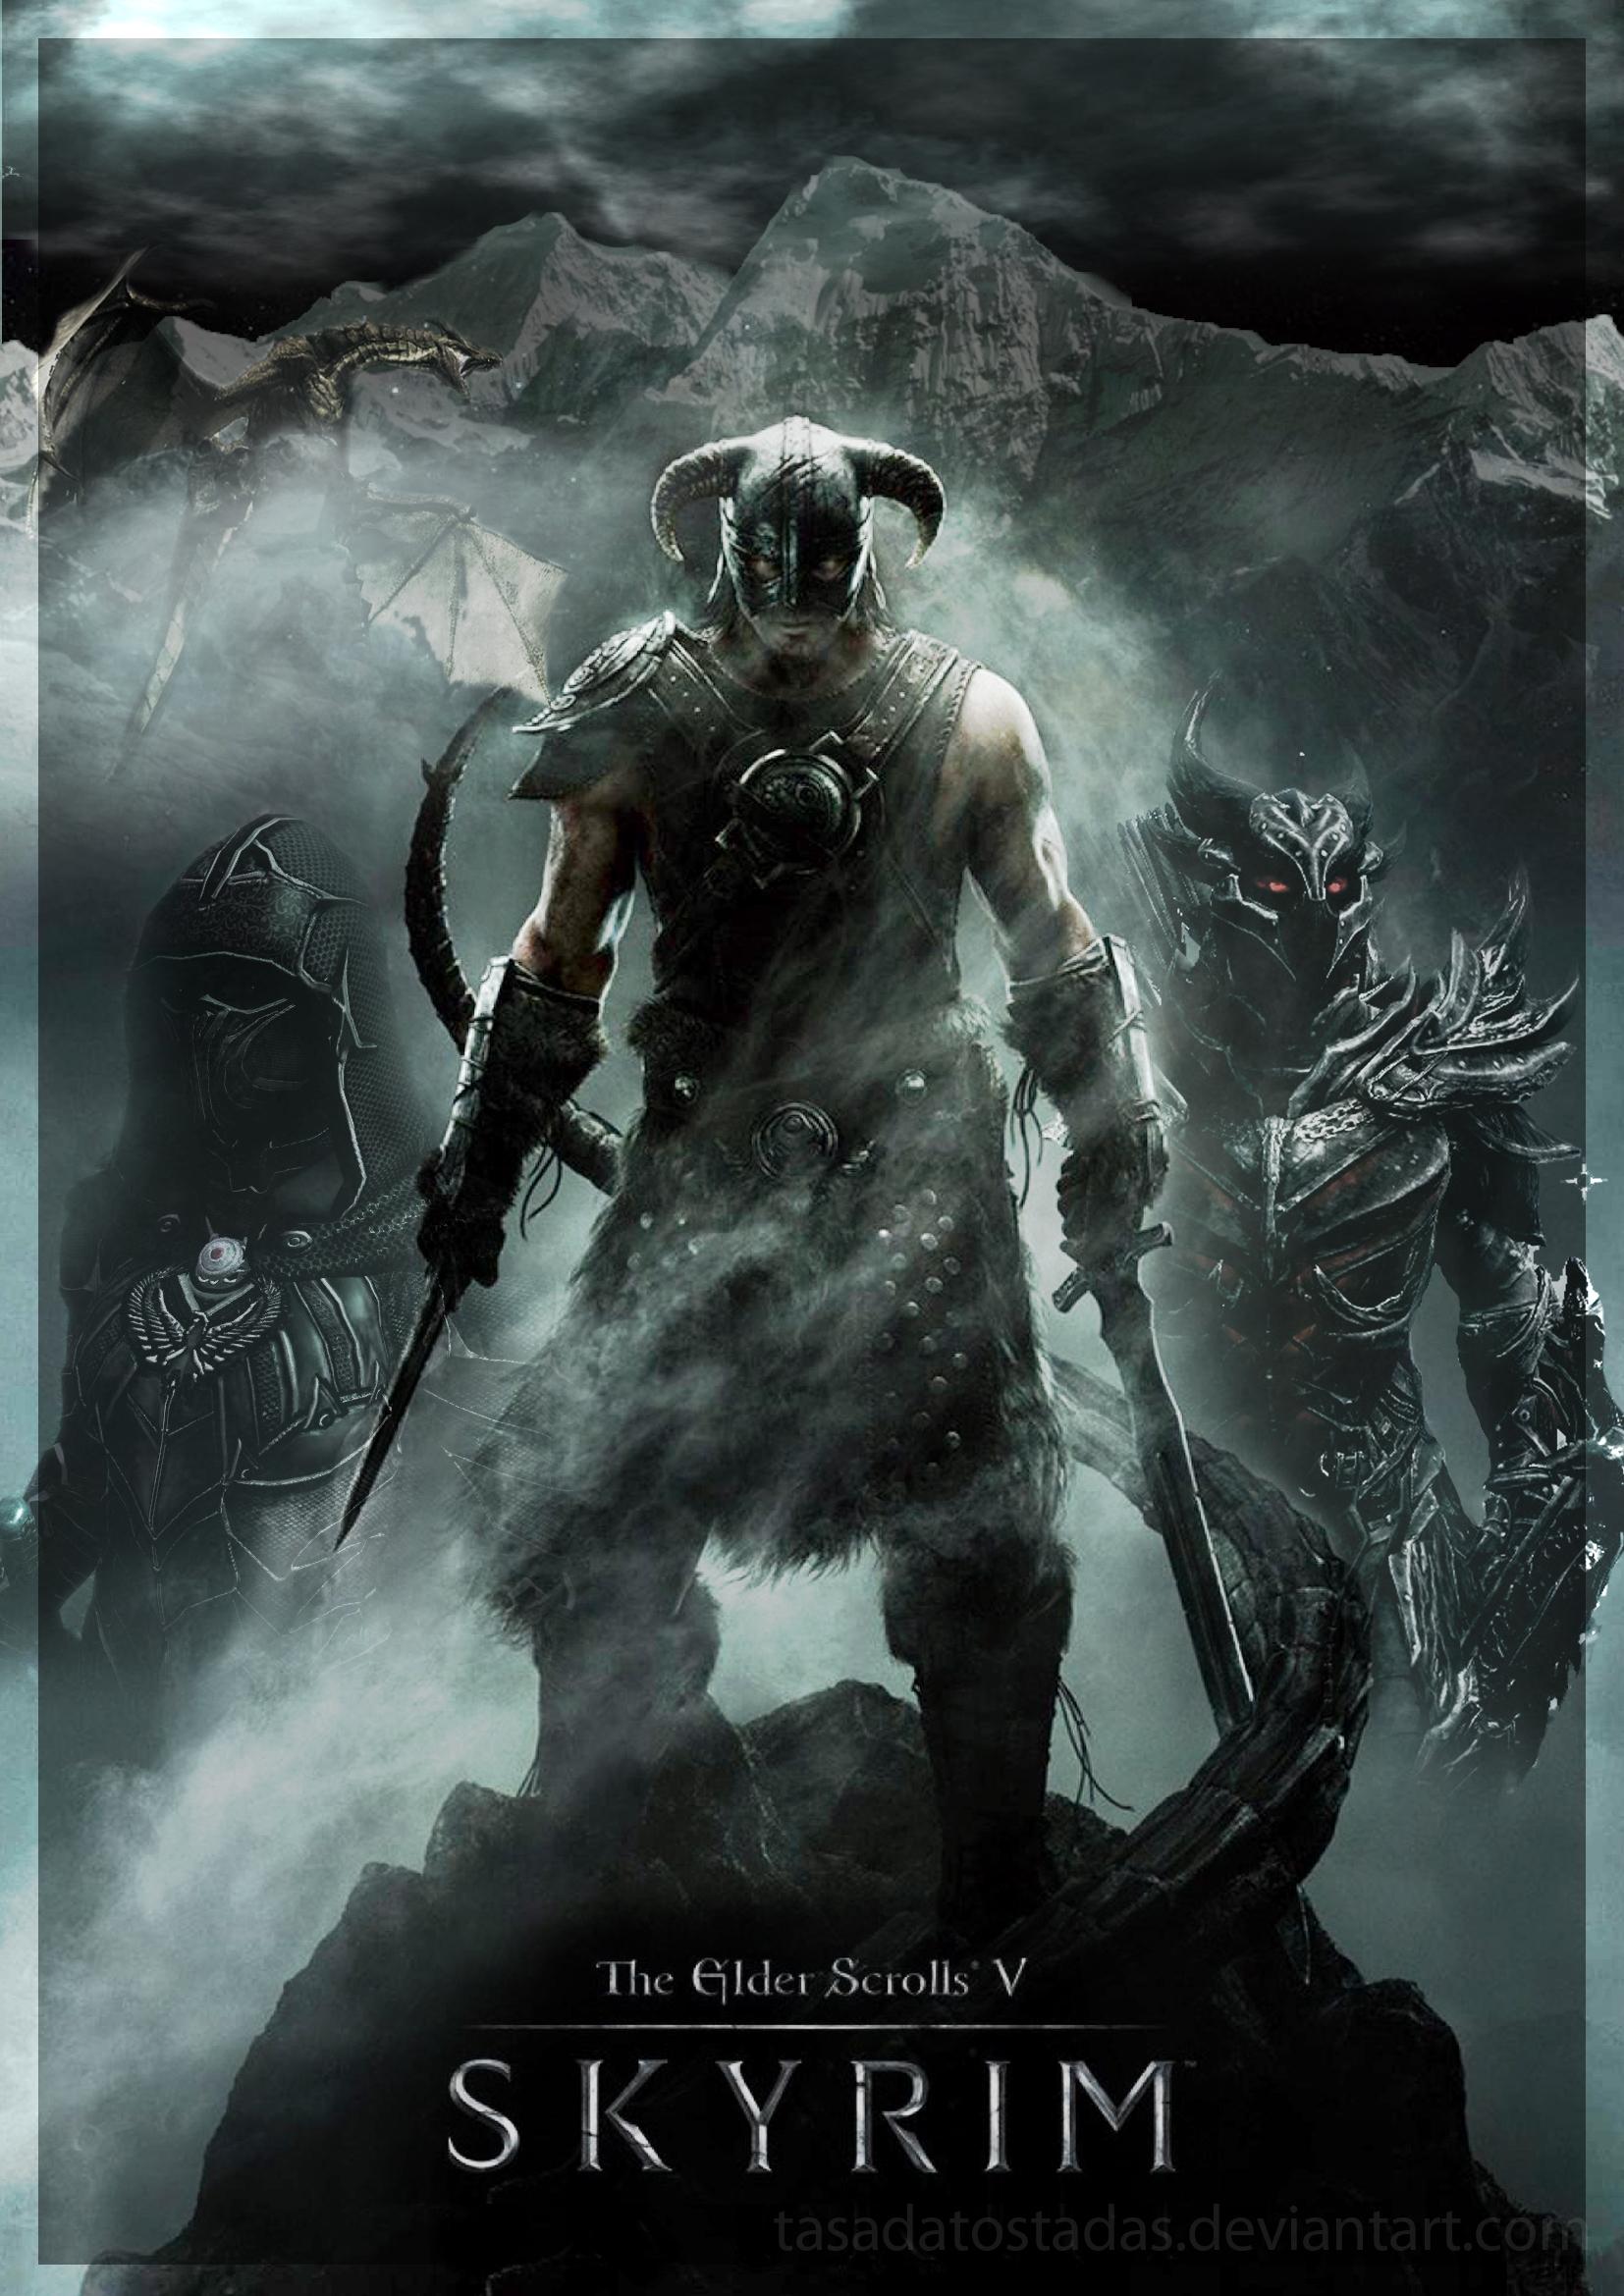 Skyrim The Elder Scrolls by tasadatostadas